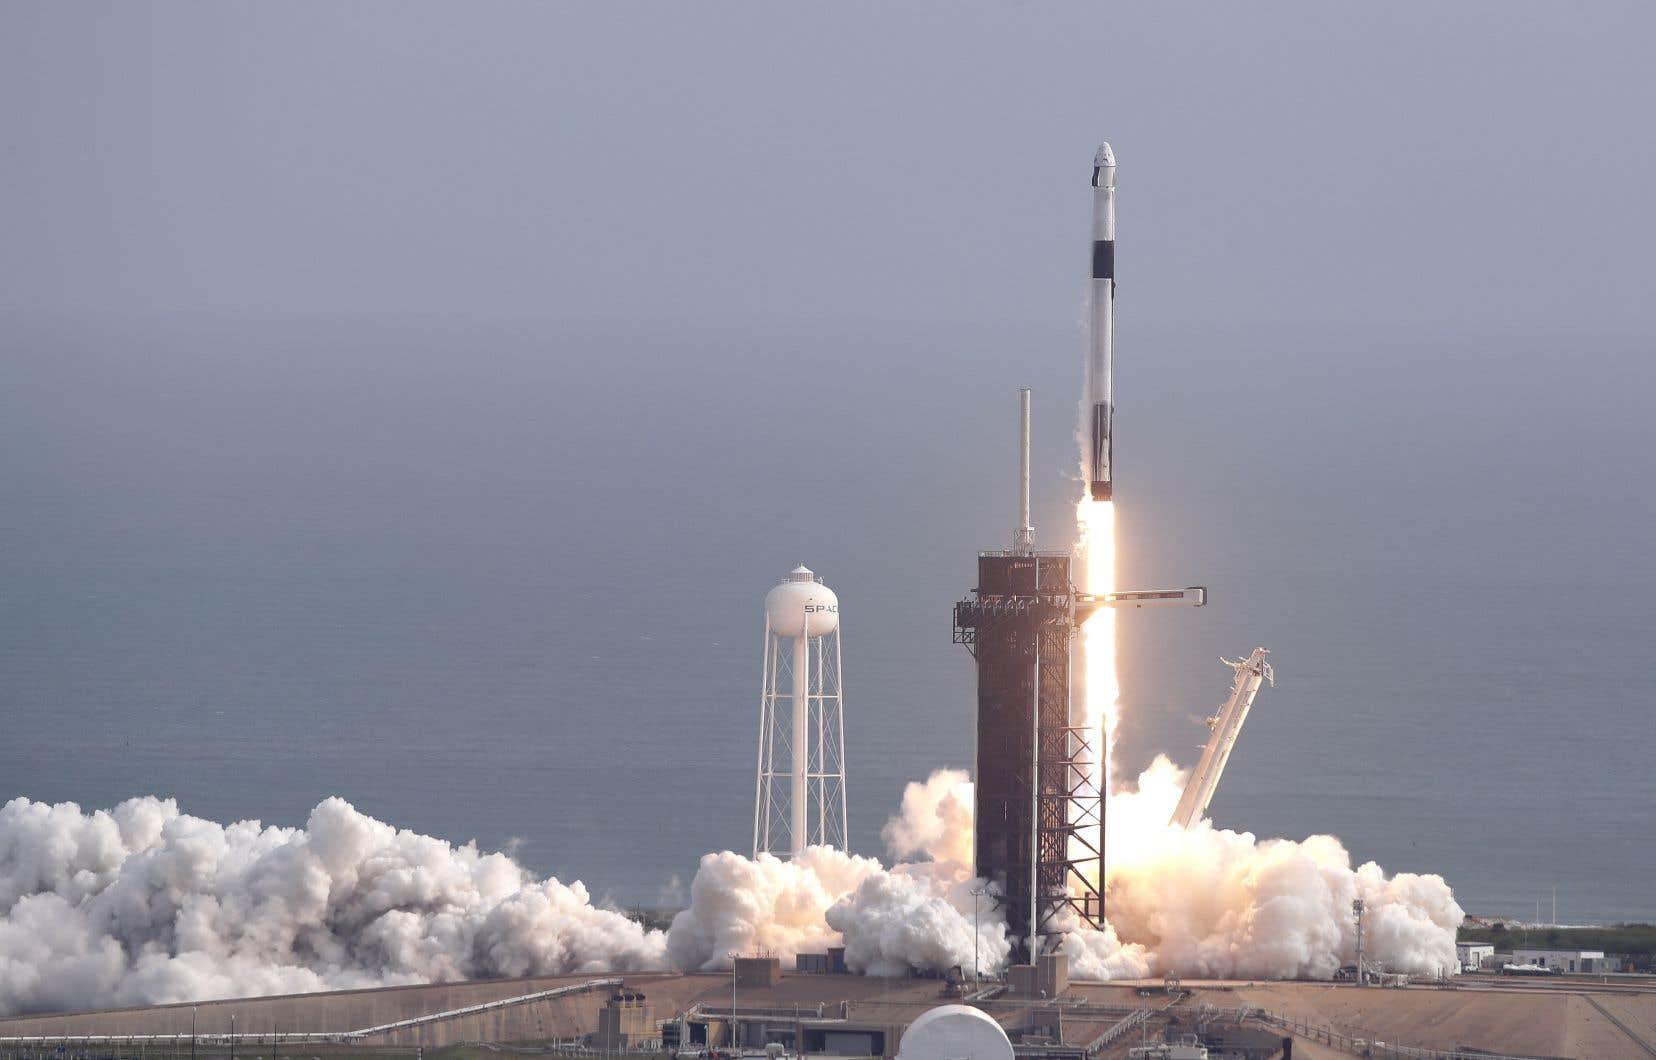 Le lancement-test, sans personne à bord, a commencé à 10 h 30 au centre spatial Kennedy avec le décollage d'une fusée «Falcon 9», au sommet de laquelle la capsule «Crew Dragon» était fixée.